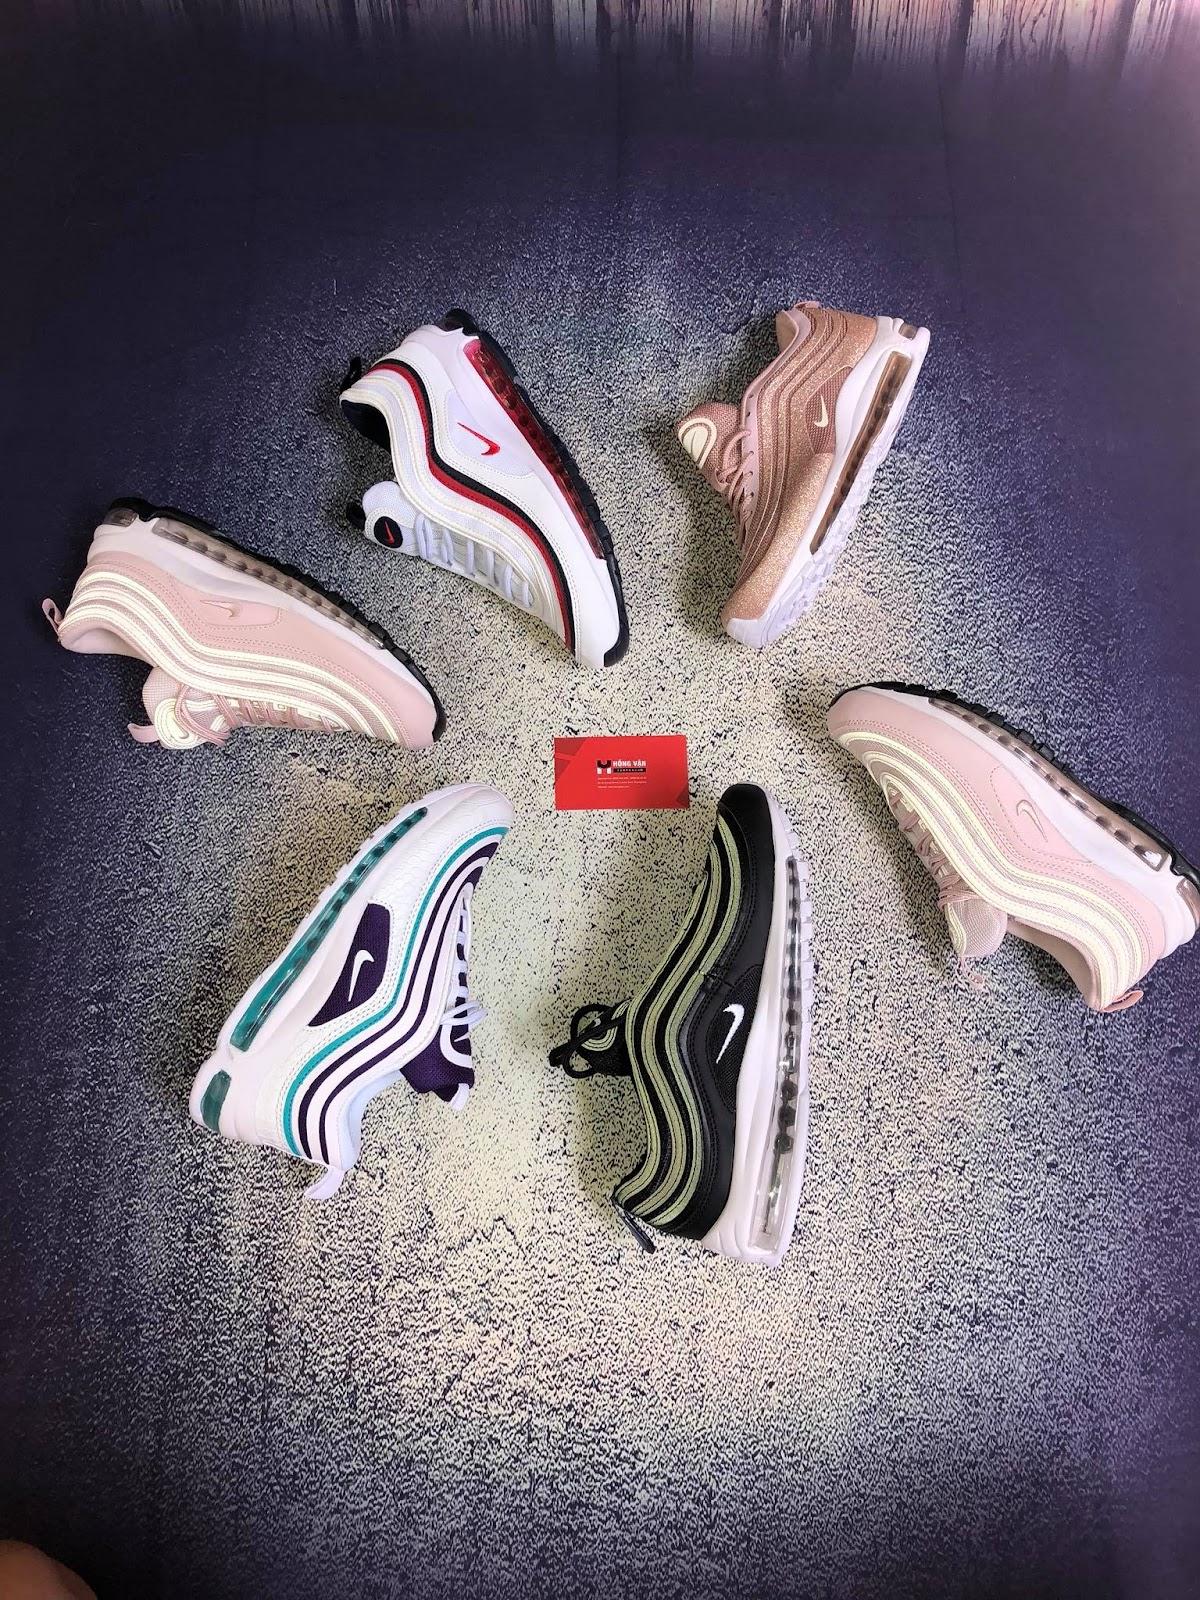 Cần tìm nguồn hàng giày thể thao chất lượng